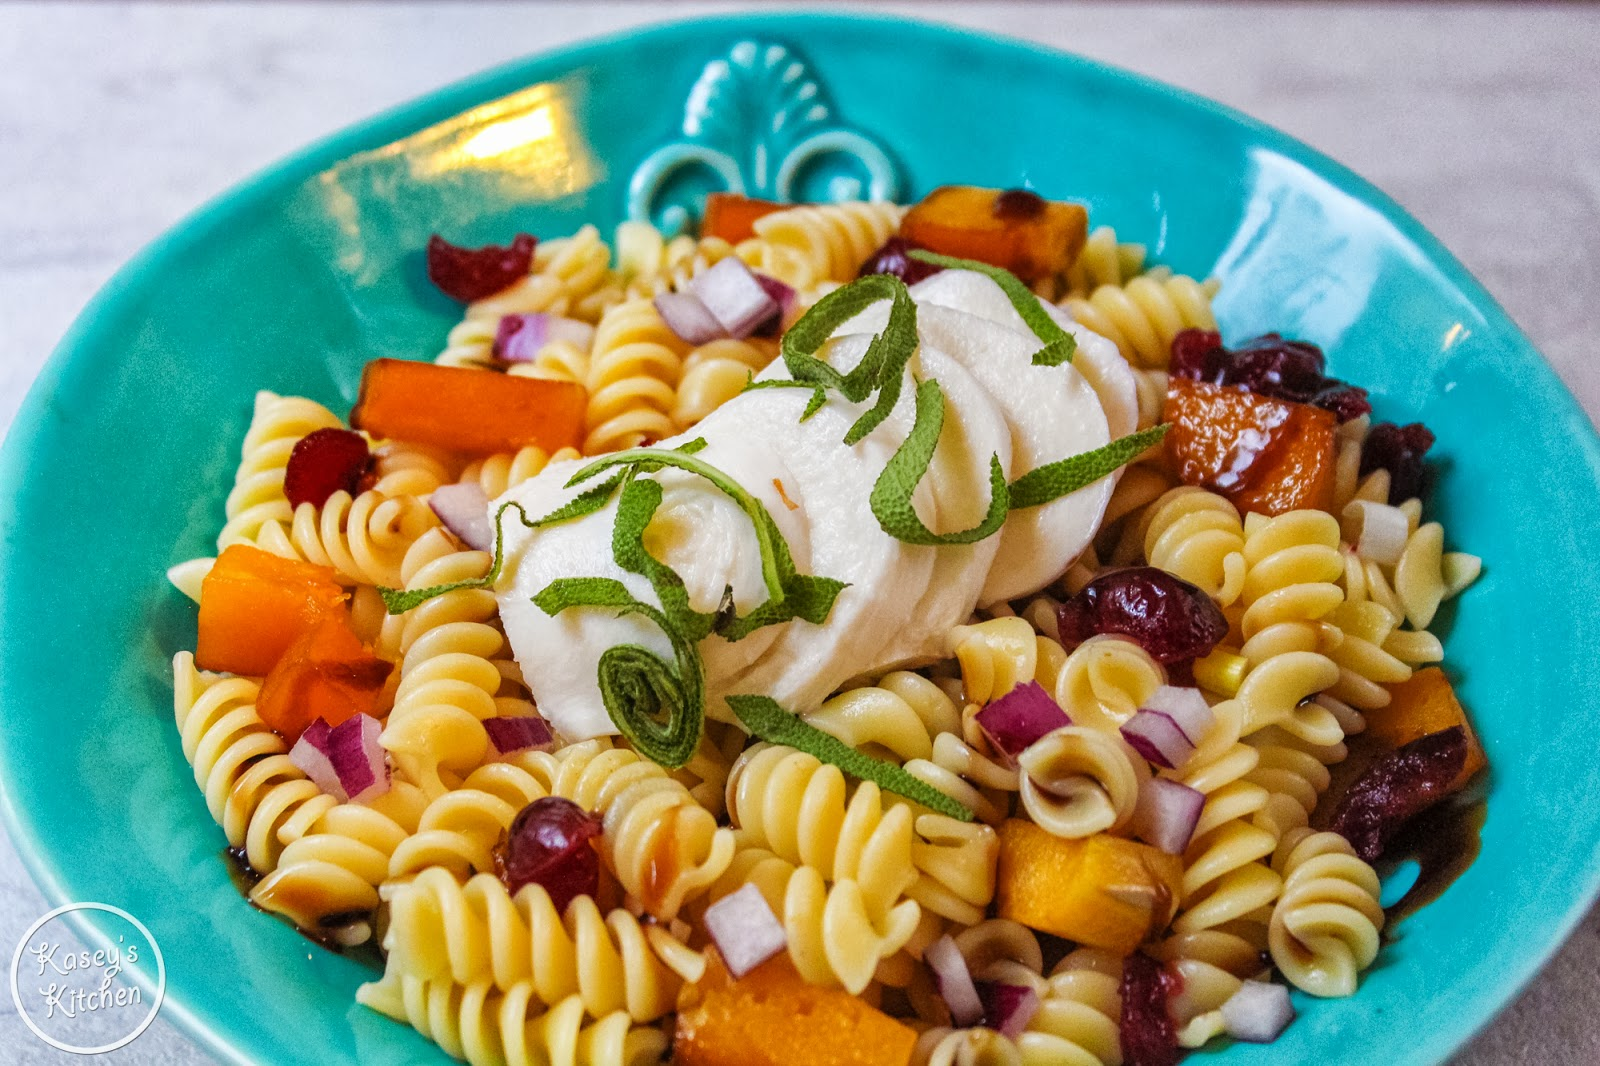 Fall pasta salad - Butternut Squash Pasta Salad